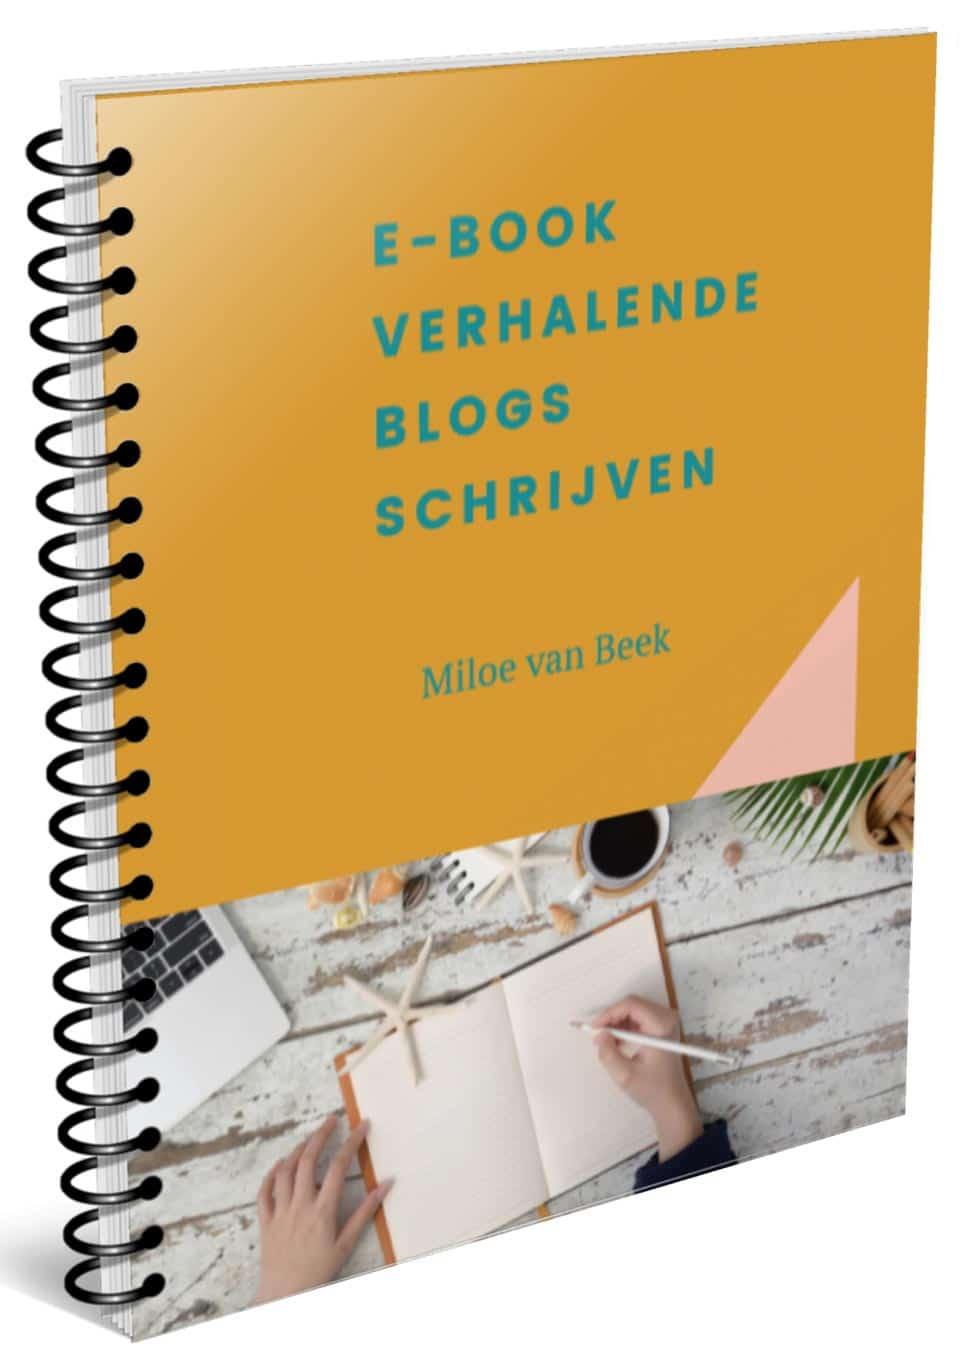 verhalende blogs schrijven